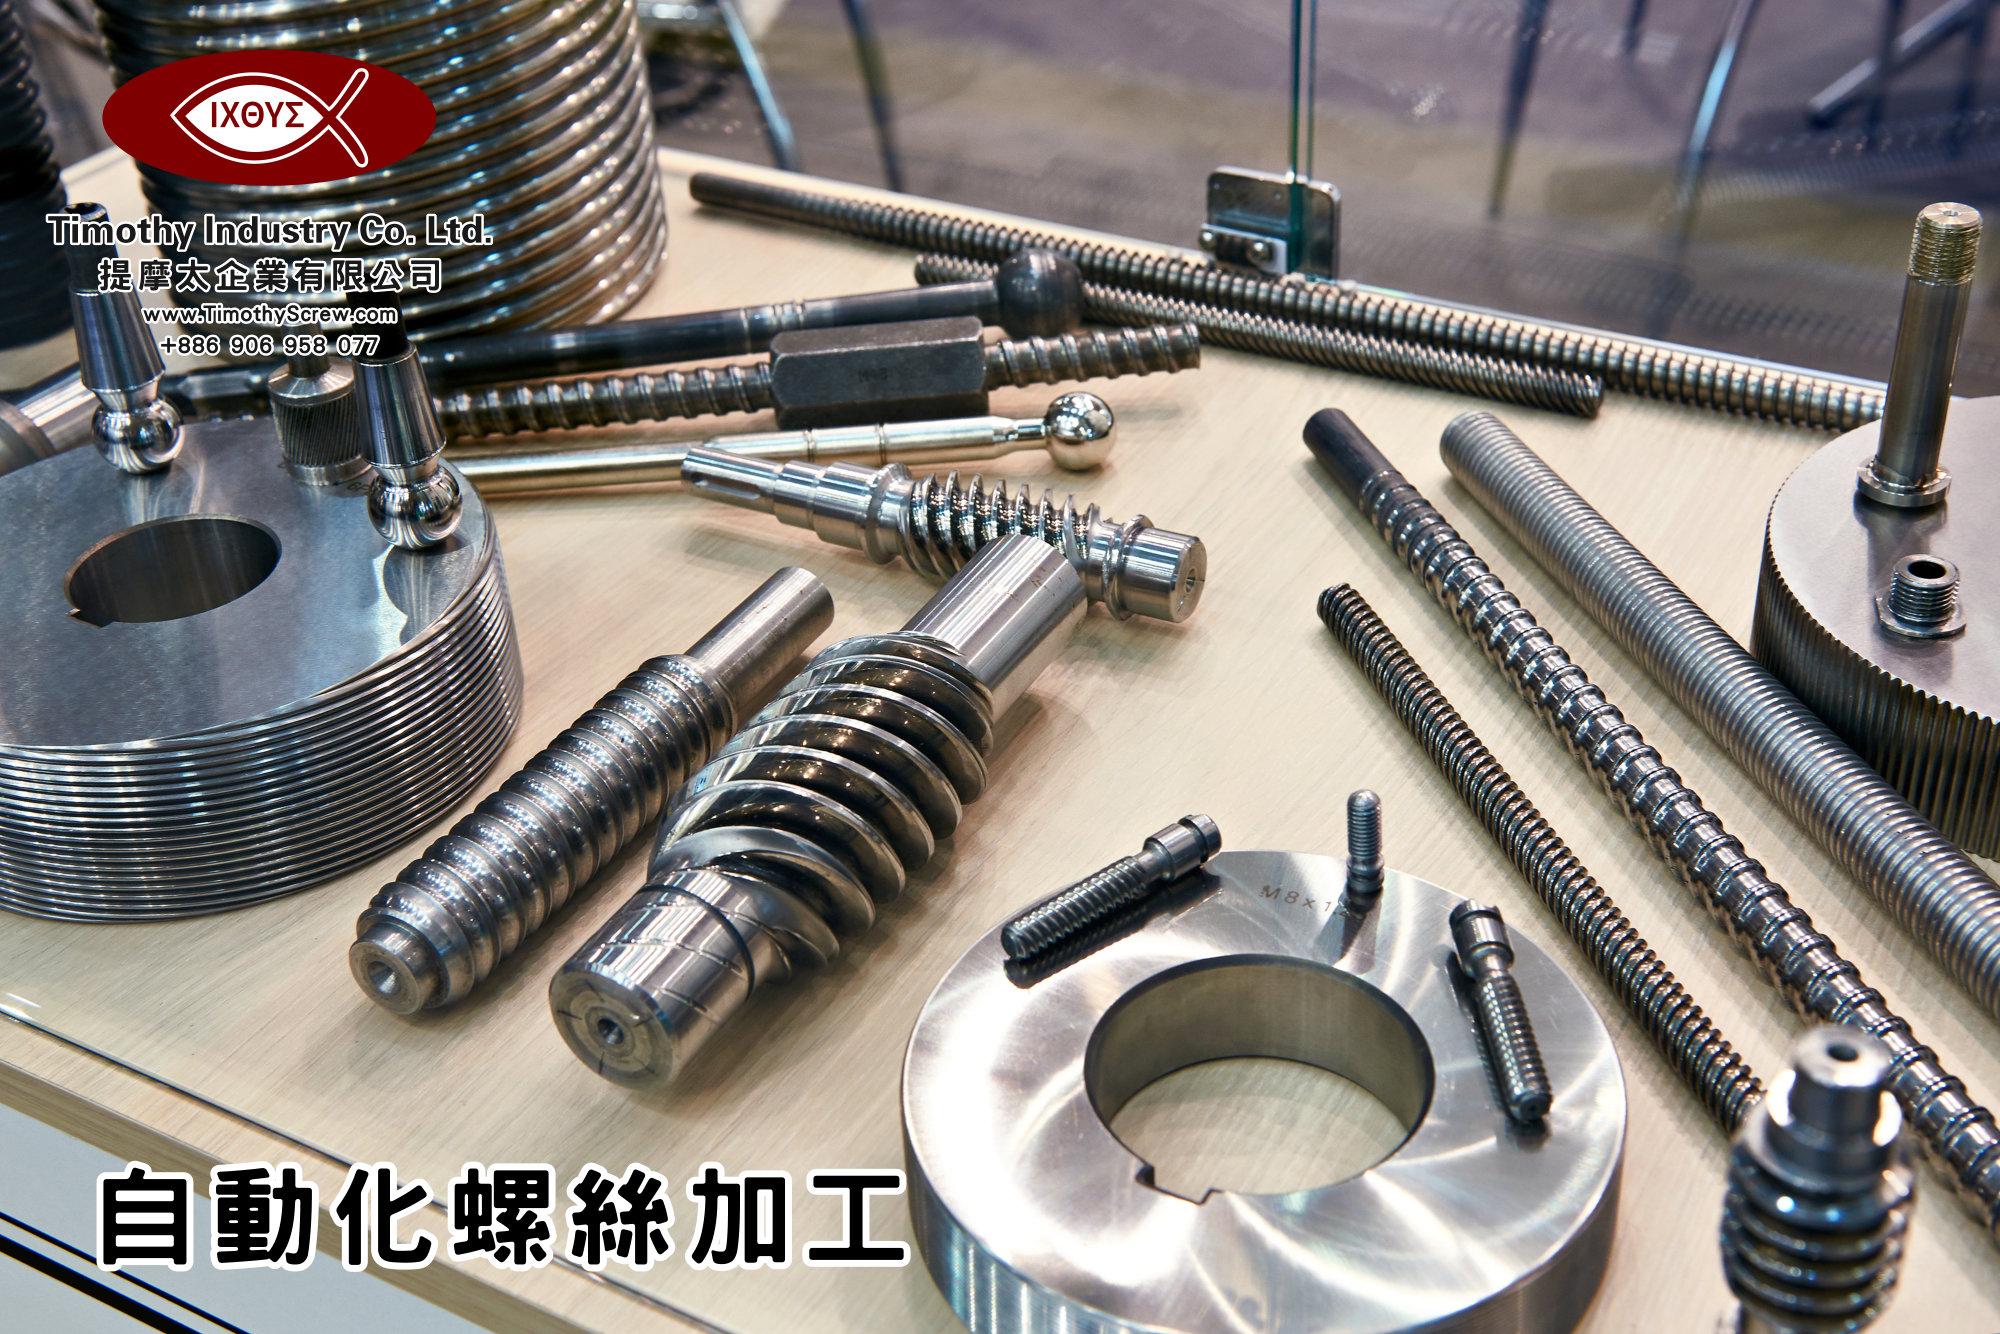 提摩太企業有限公司 Timothy Industry Co Ltd 自動化螺絲加工 車床部 銑床部 台灣自動化螺絲加工 螺絲製造 A16